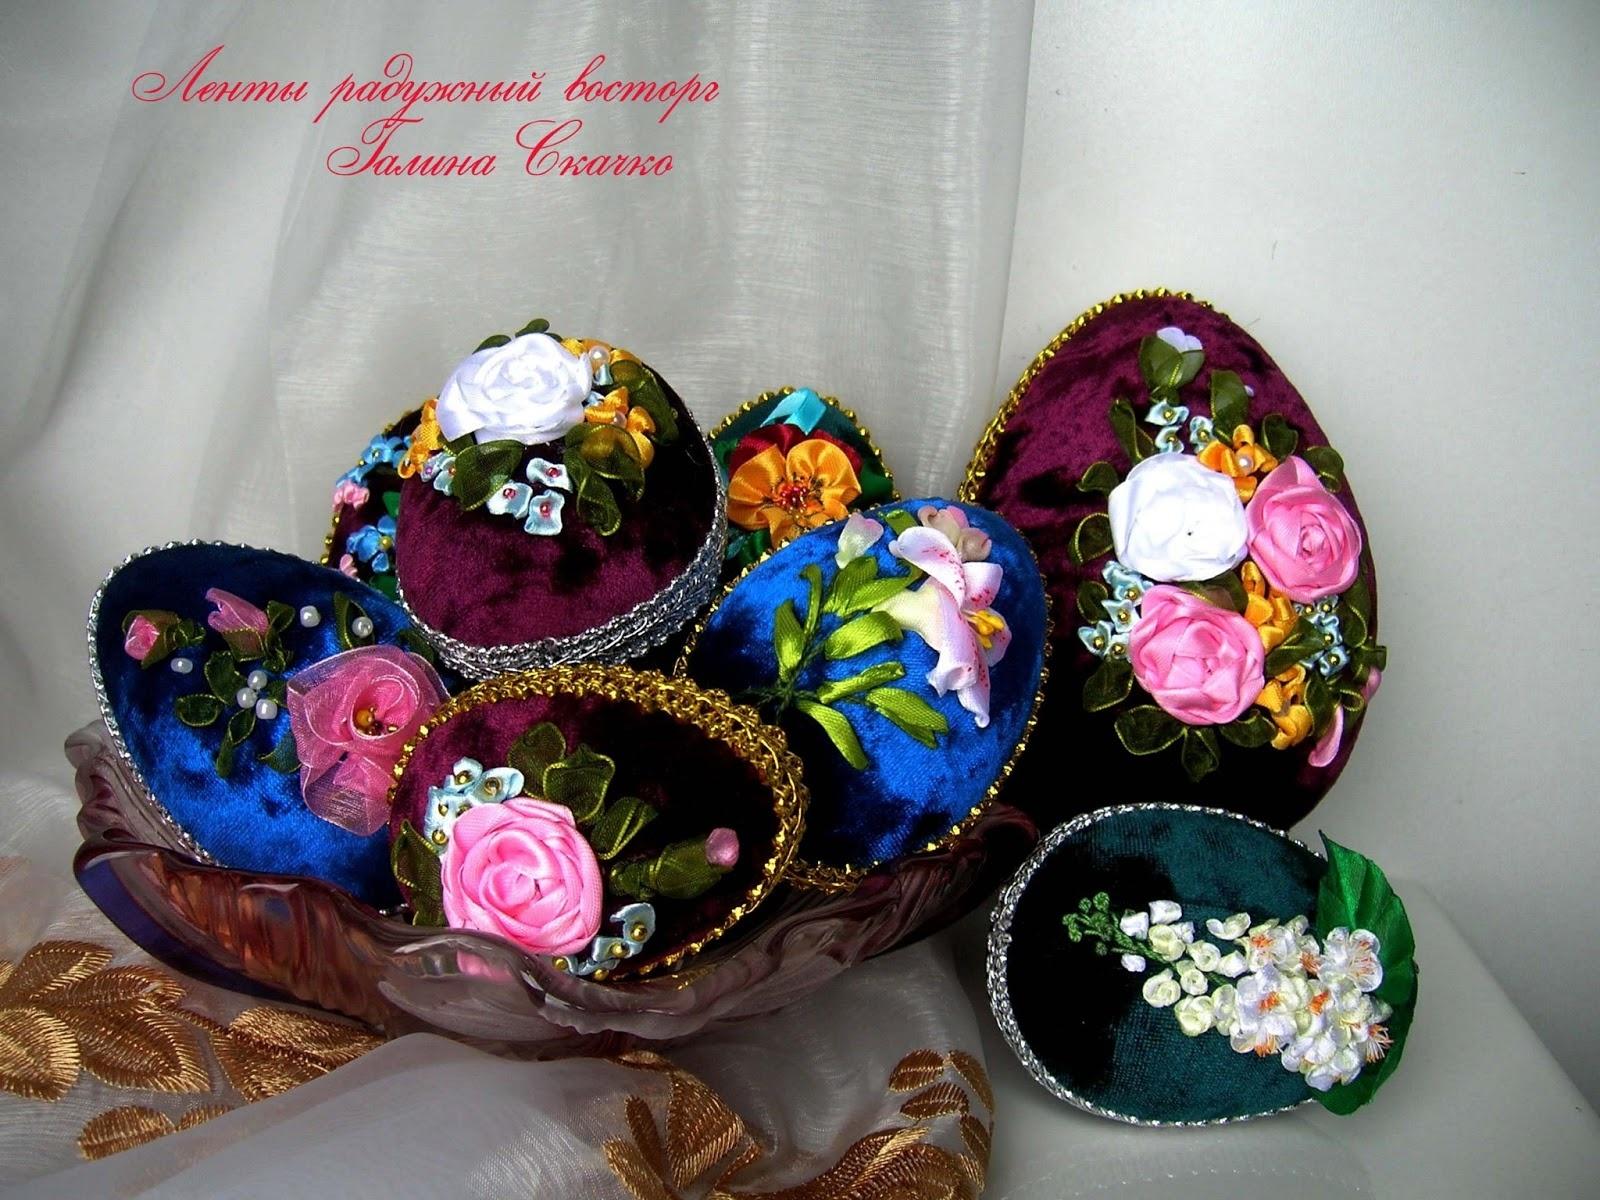 сувениры с вышивкой ленточками. - карточка от пользователя r.chaykivska в Яндекс.Коллекциях